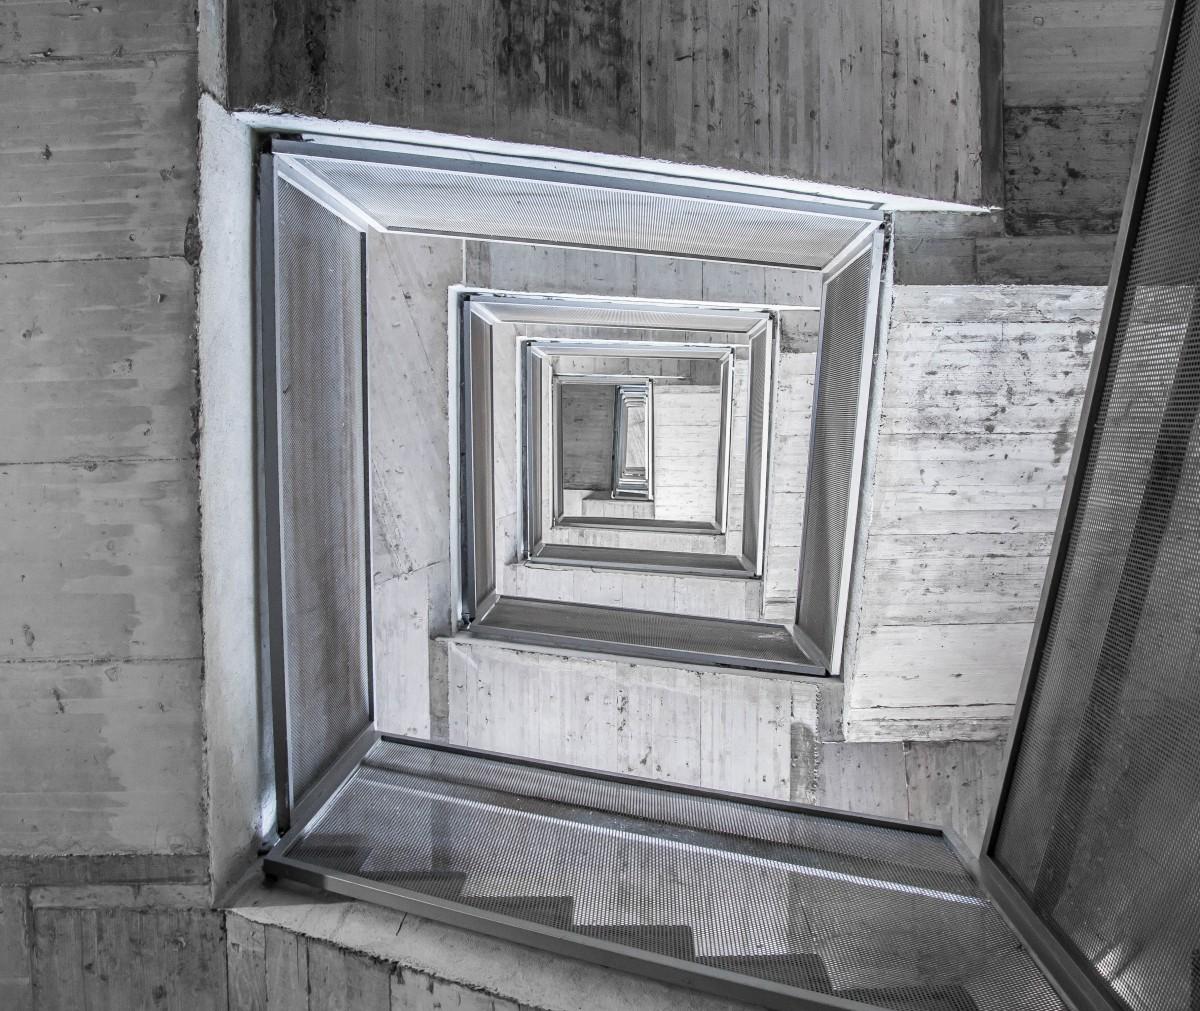 images gratuites noir et blanc architecture bois escalier maison fen tre mur pas. Black Bedroom Furniture Sets. Home Design Ideas